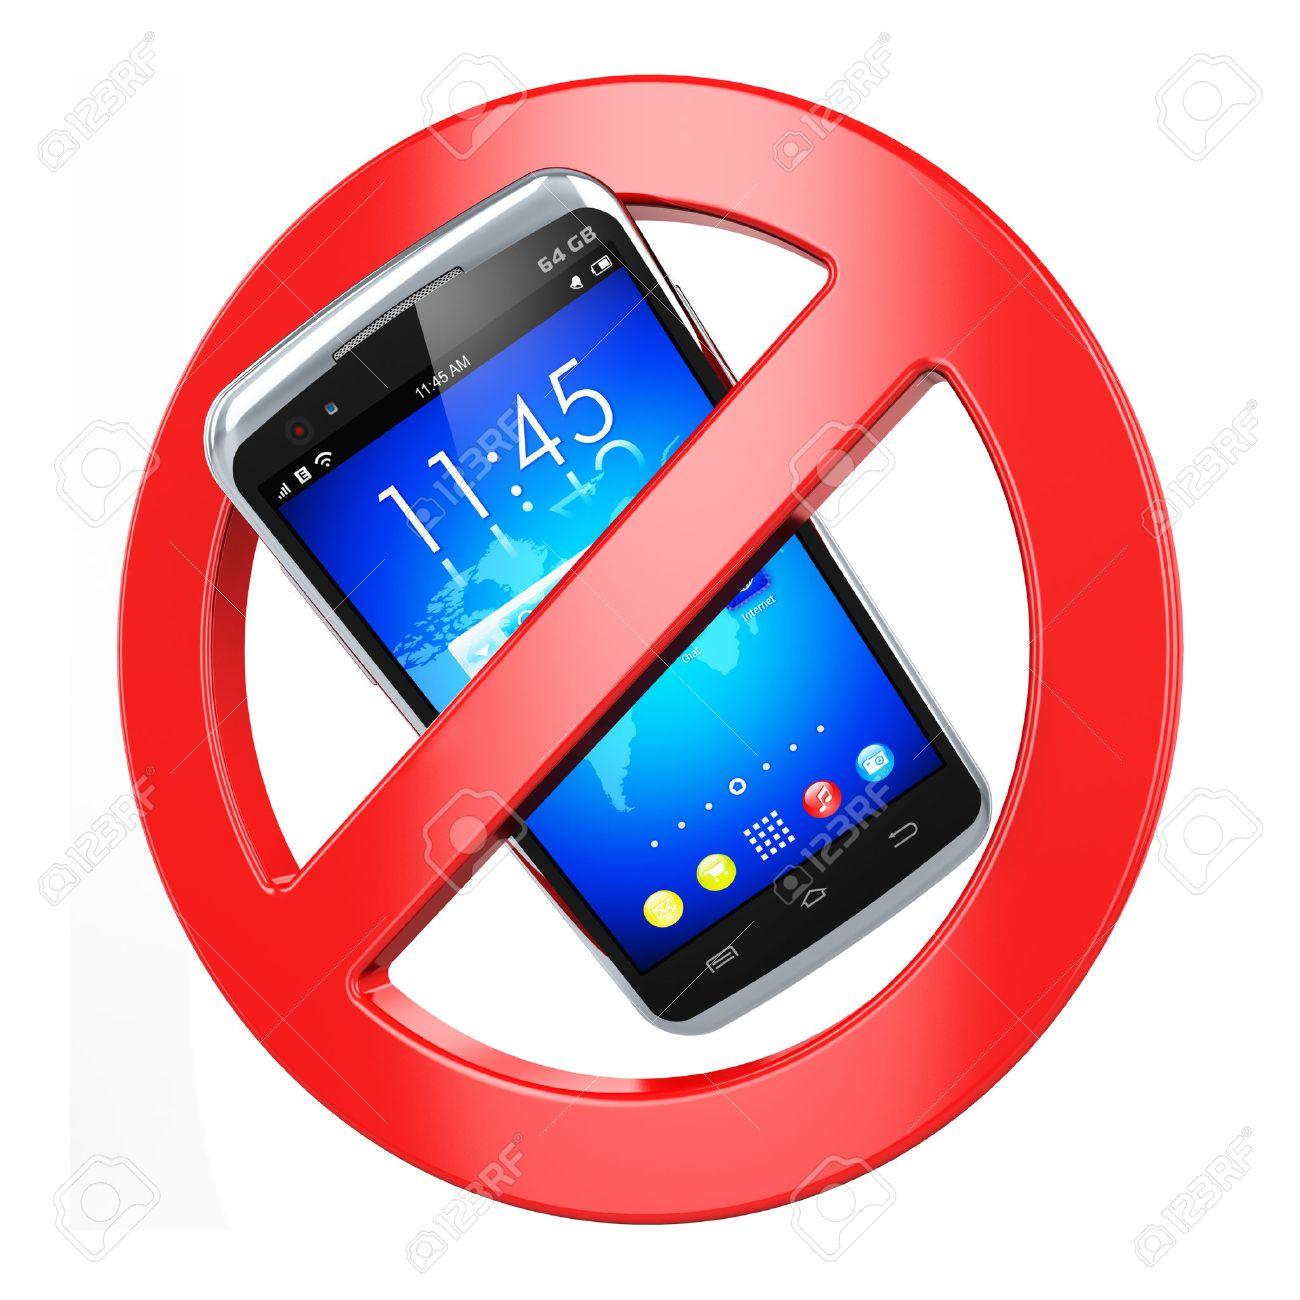 Фото мобільний телефон заборонен 21 фотография